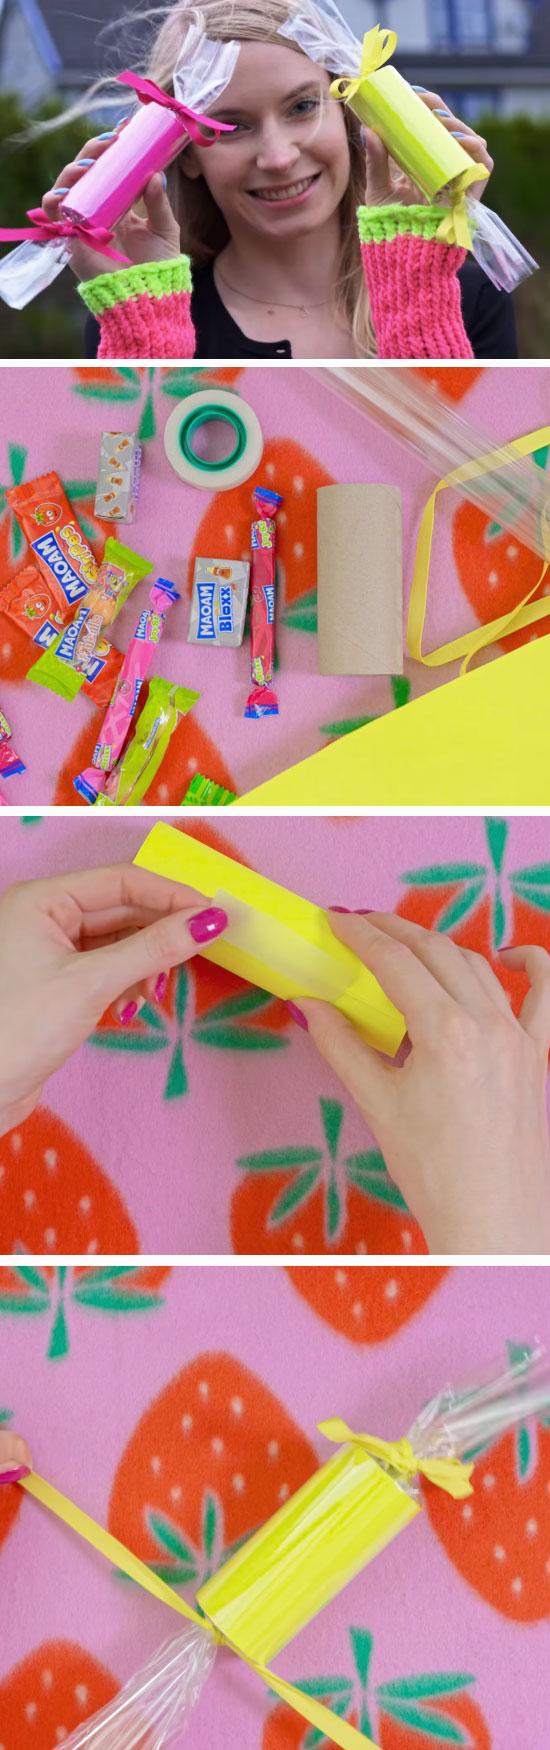 Candy Bon Bons.